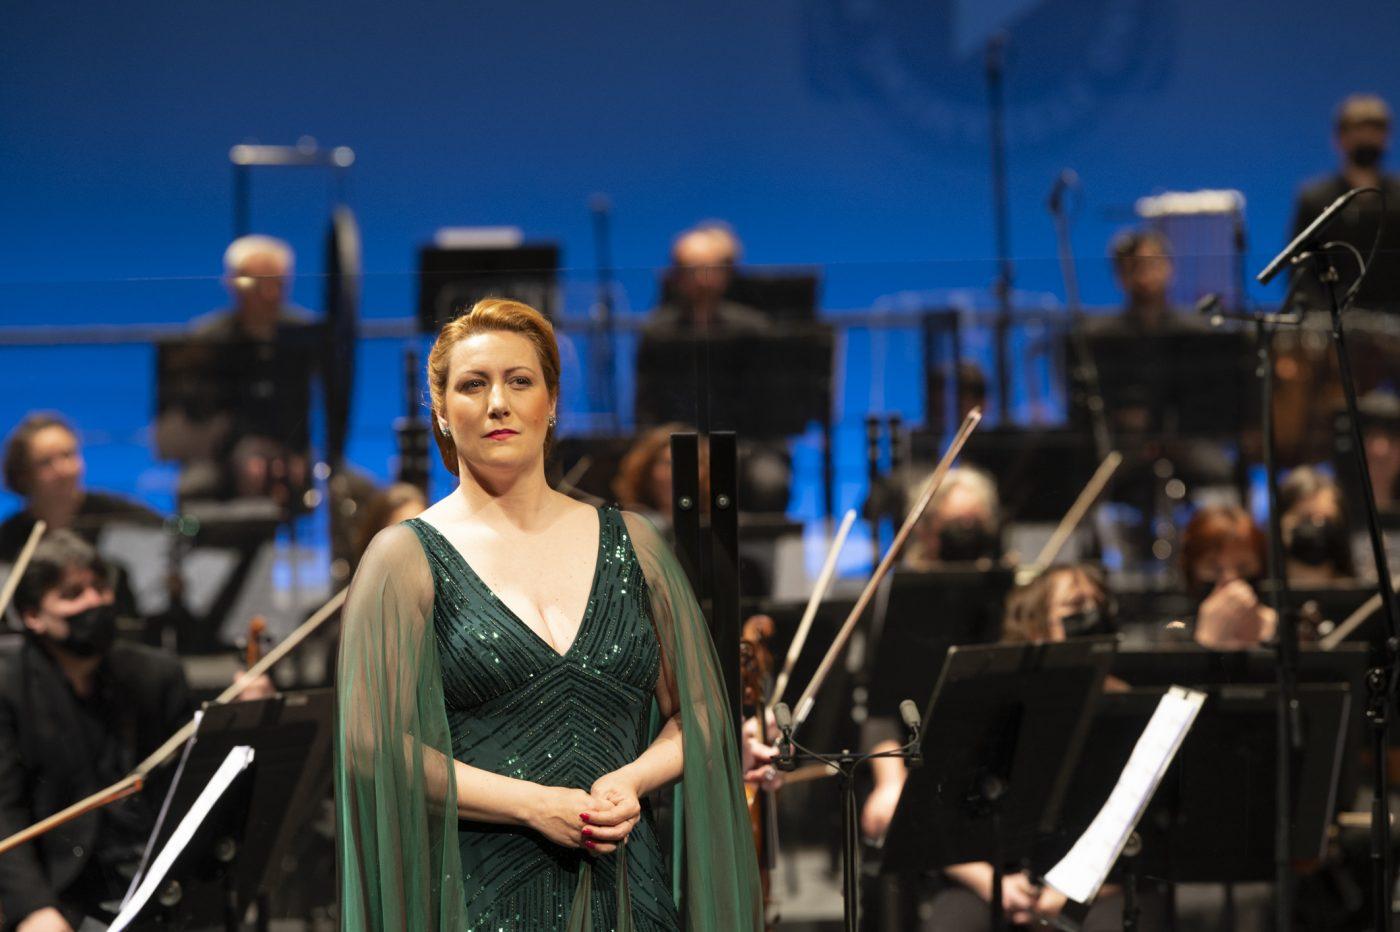 Opéra Royal de Wallonie-Liège, Orchestra  de Daniel Oren & Saioa Hernández